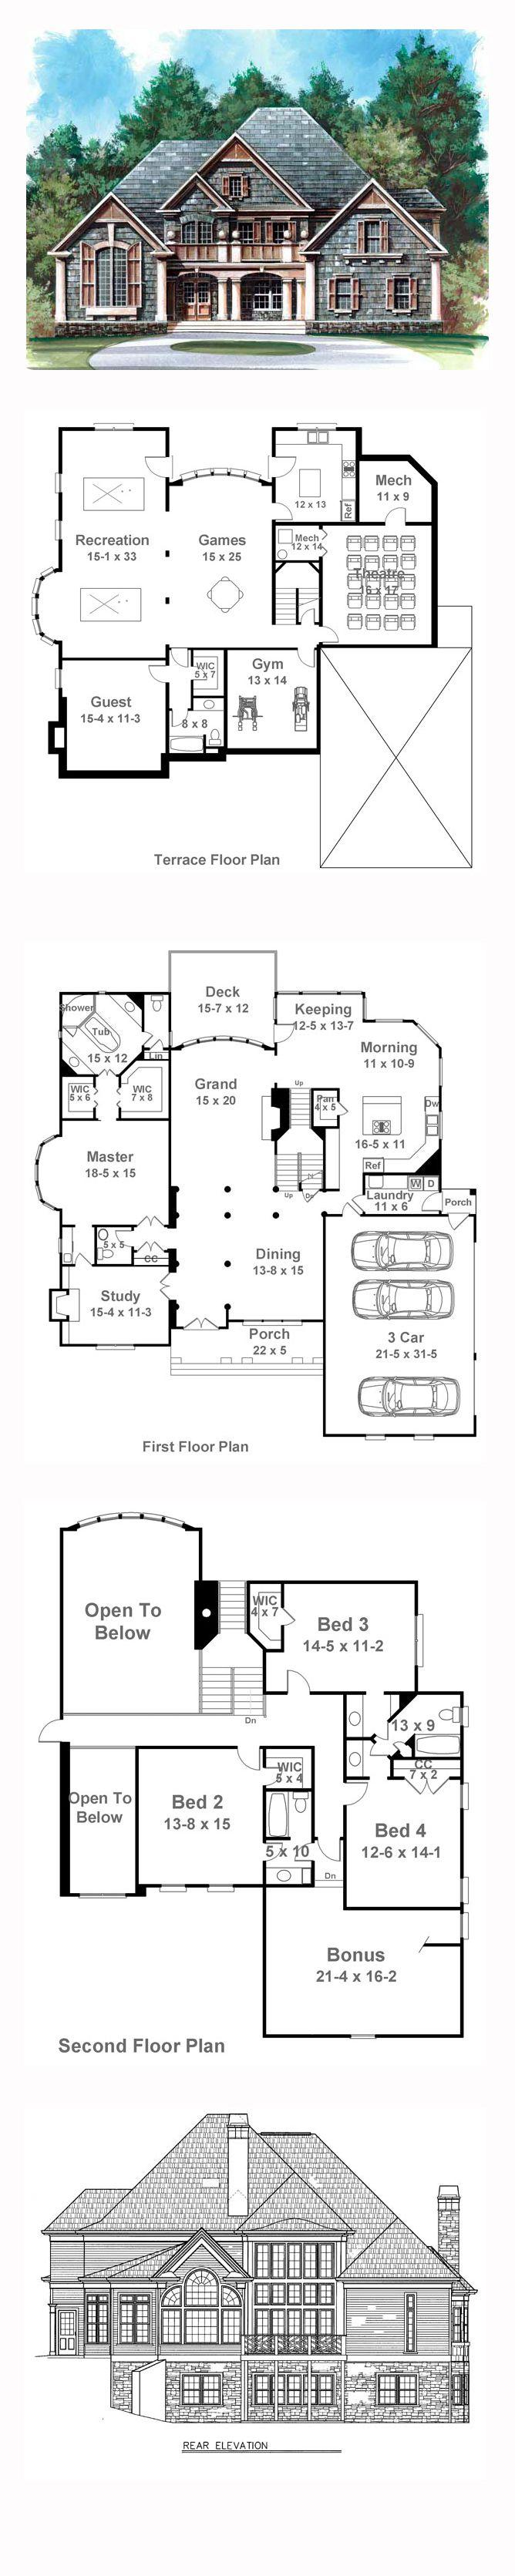 Tudor Style House Plan 72041 With 4 Bed 4 Bath 3 Car Garage Basement House Plans House Plans Ranch Style House Plans